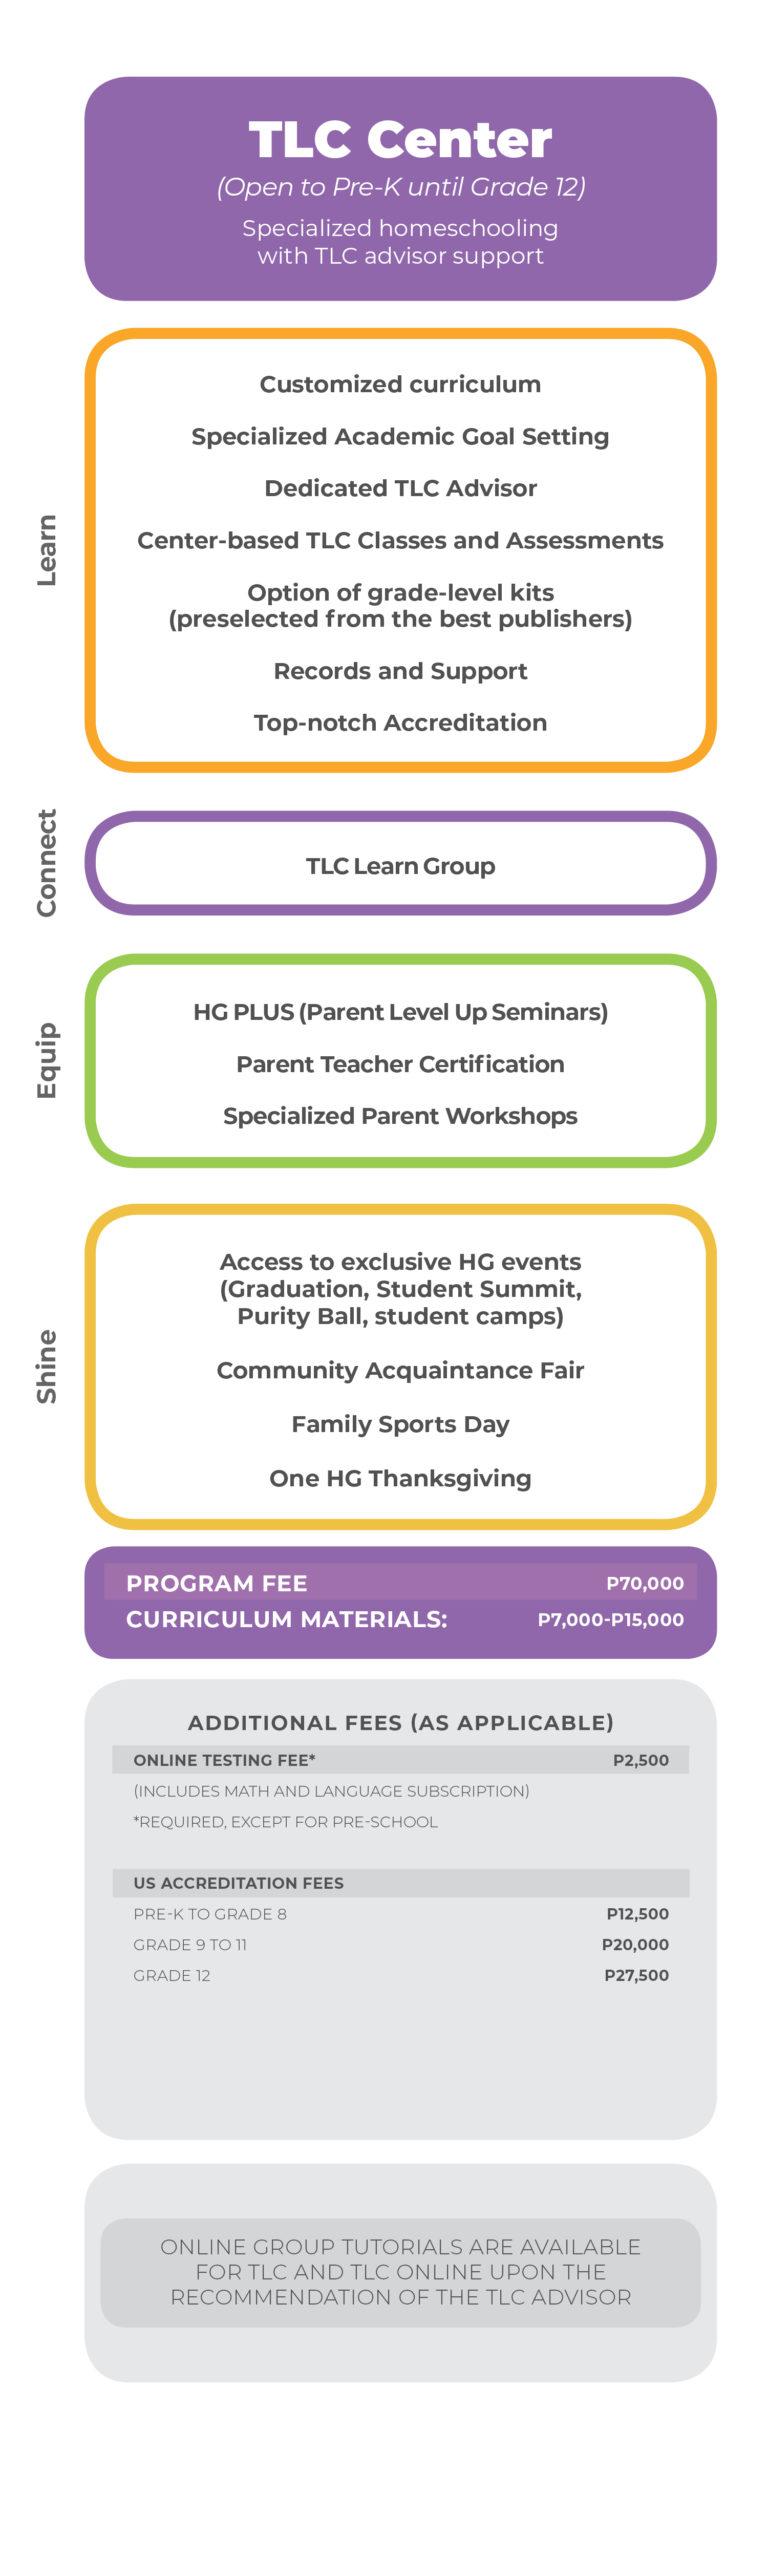 HGPH Programs 150520205